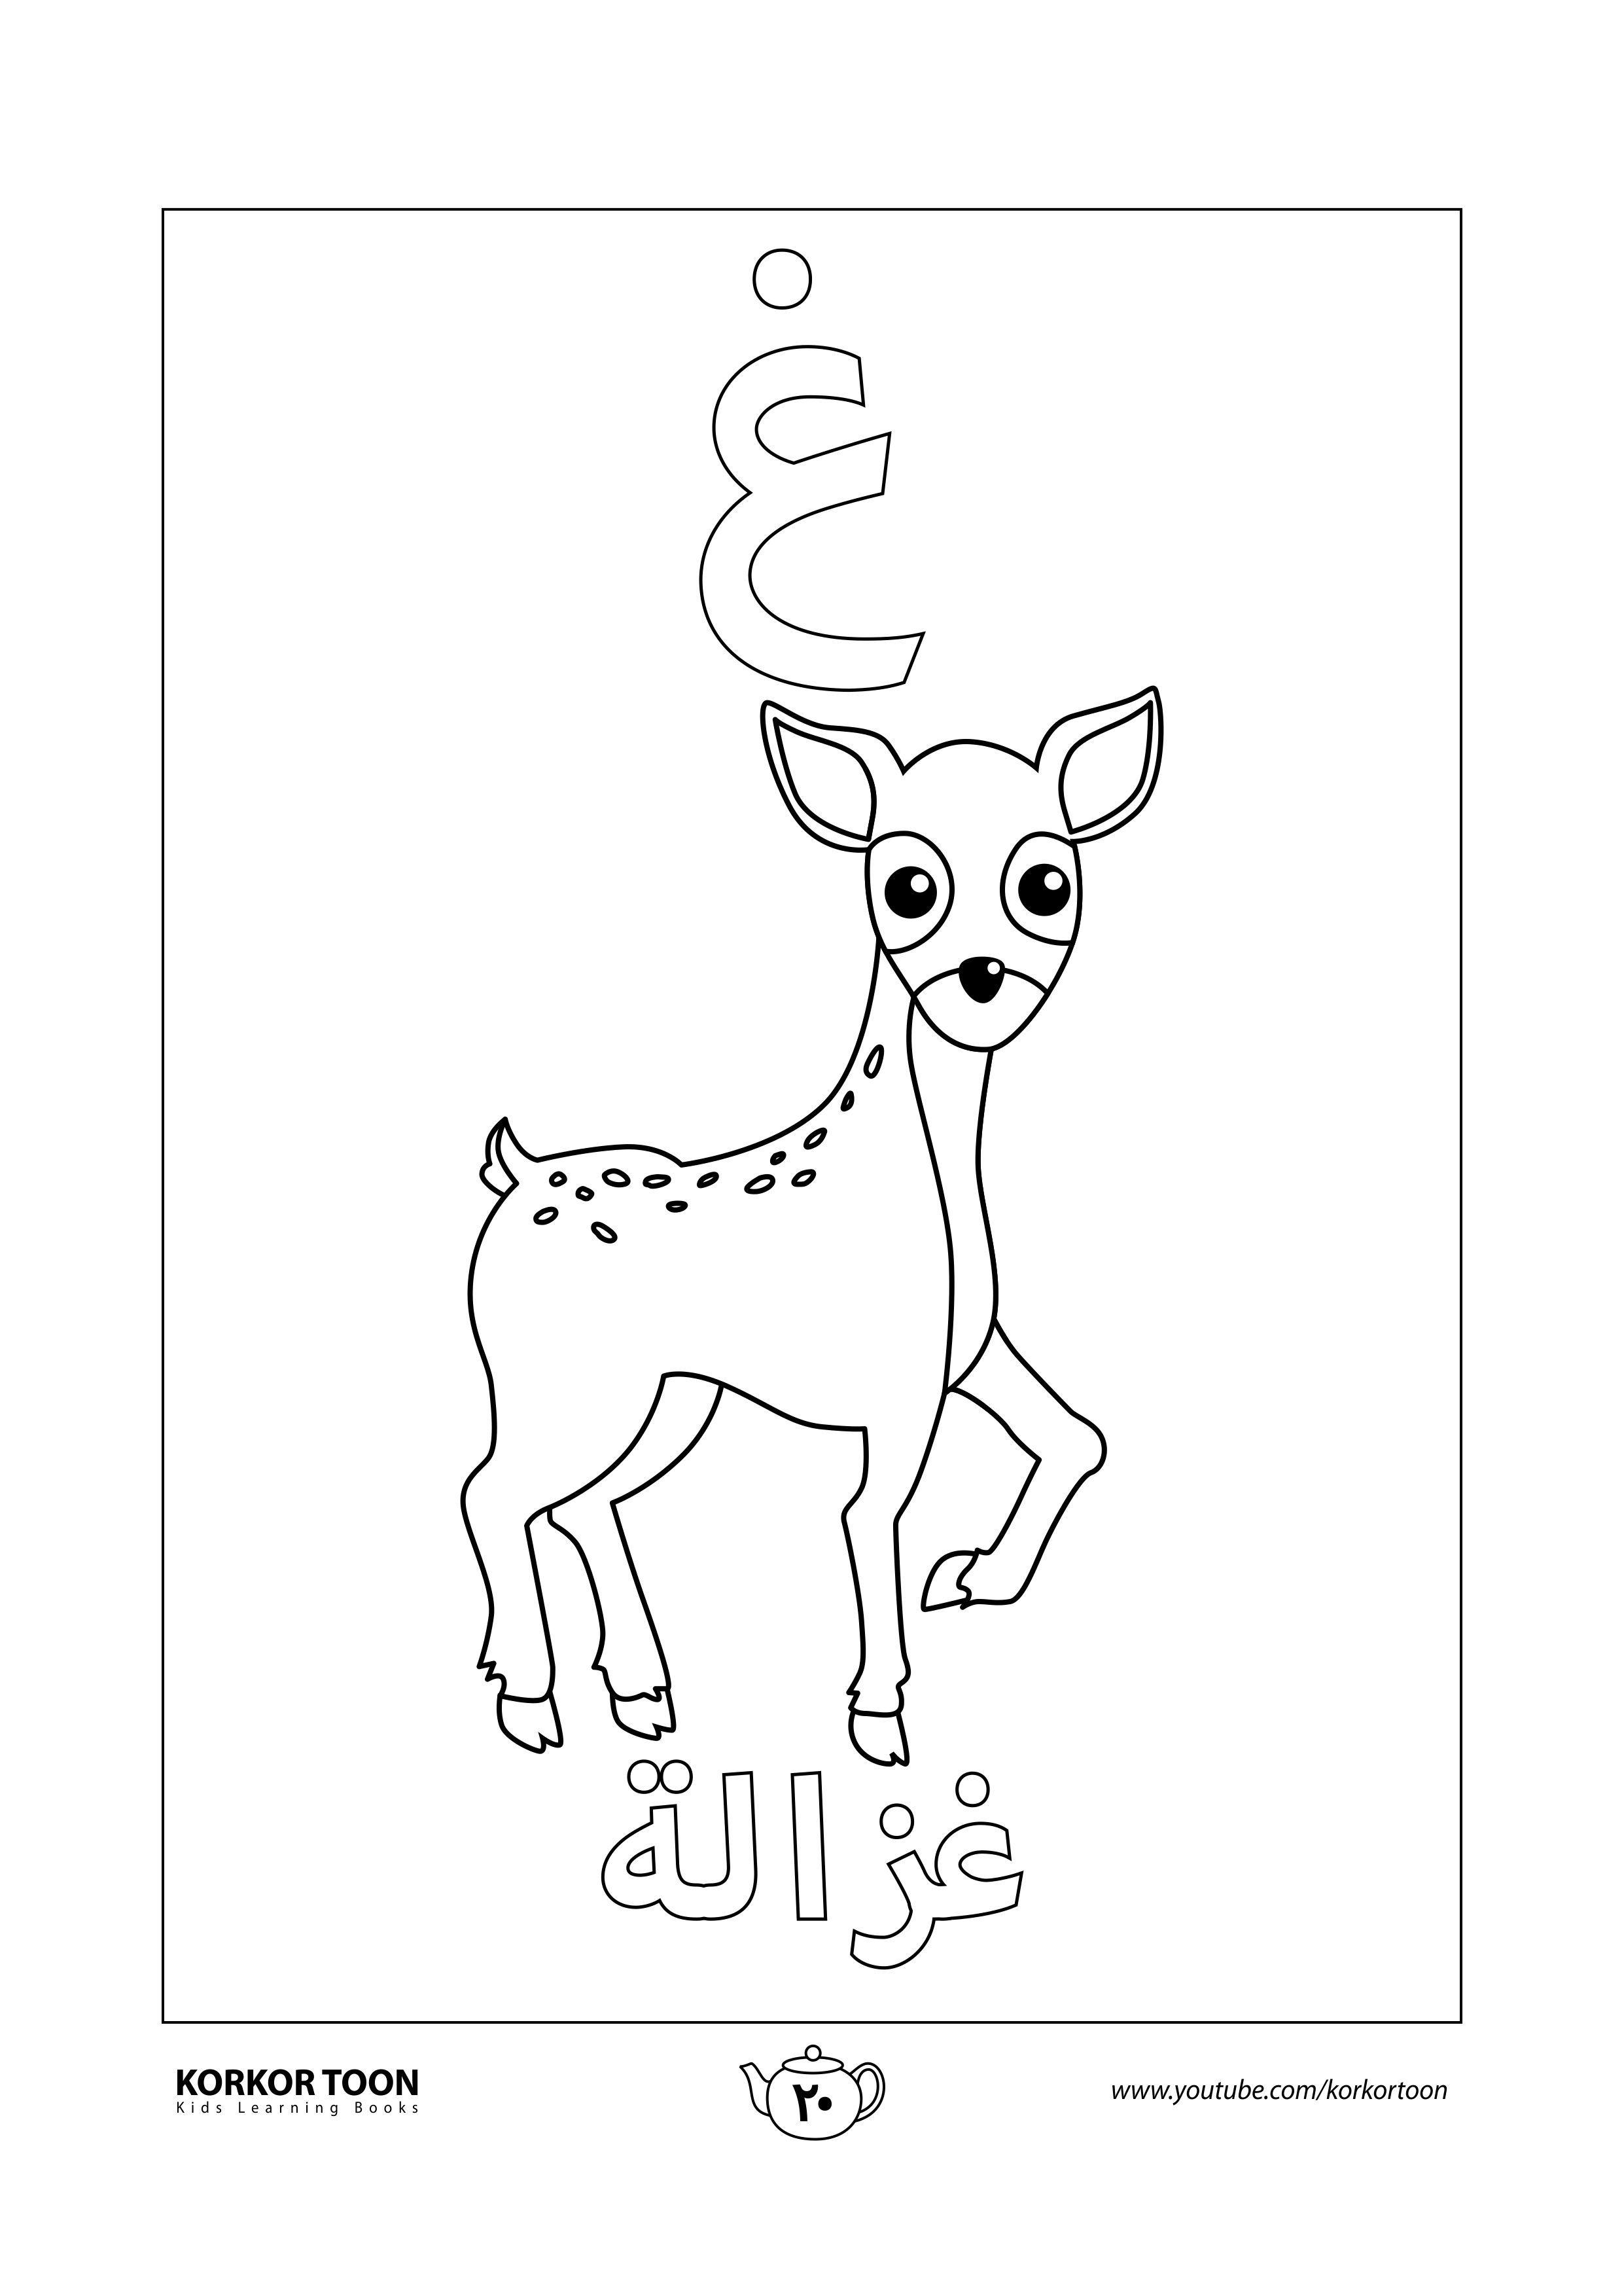 صفحة تلوين حرف الغين كتاب تلوين الحروف العربية للأطفال Moose Art Ebooks Art